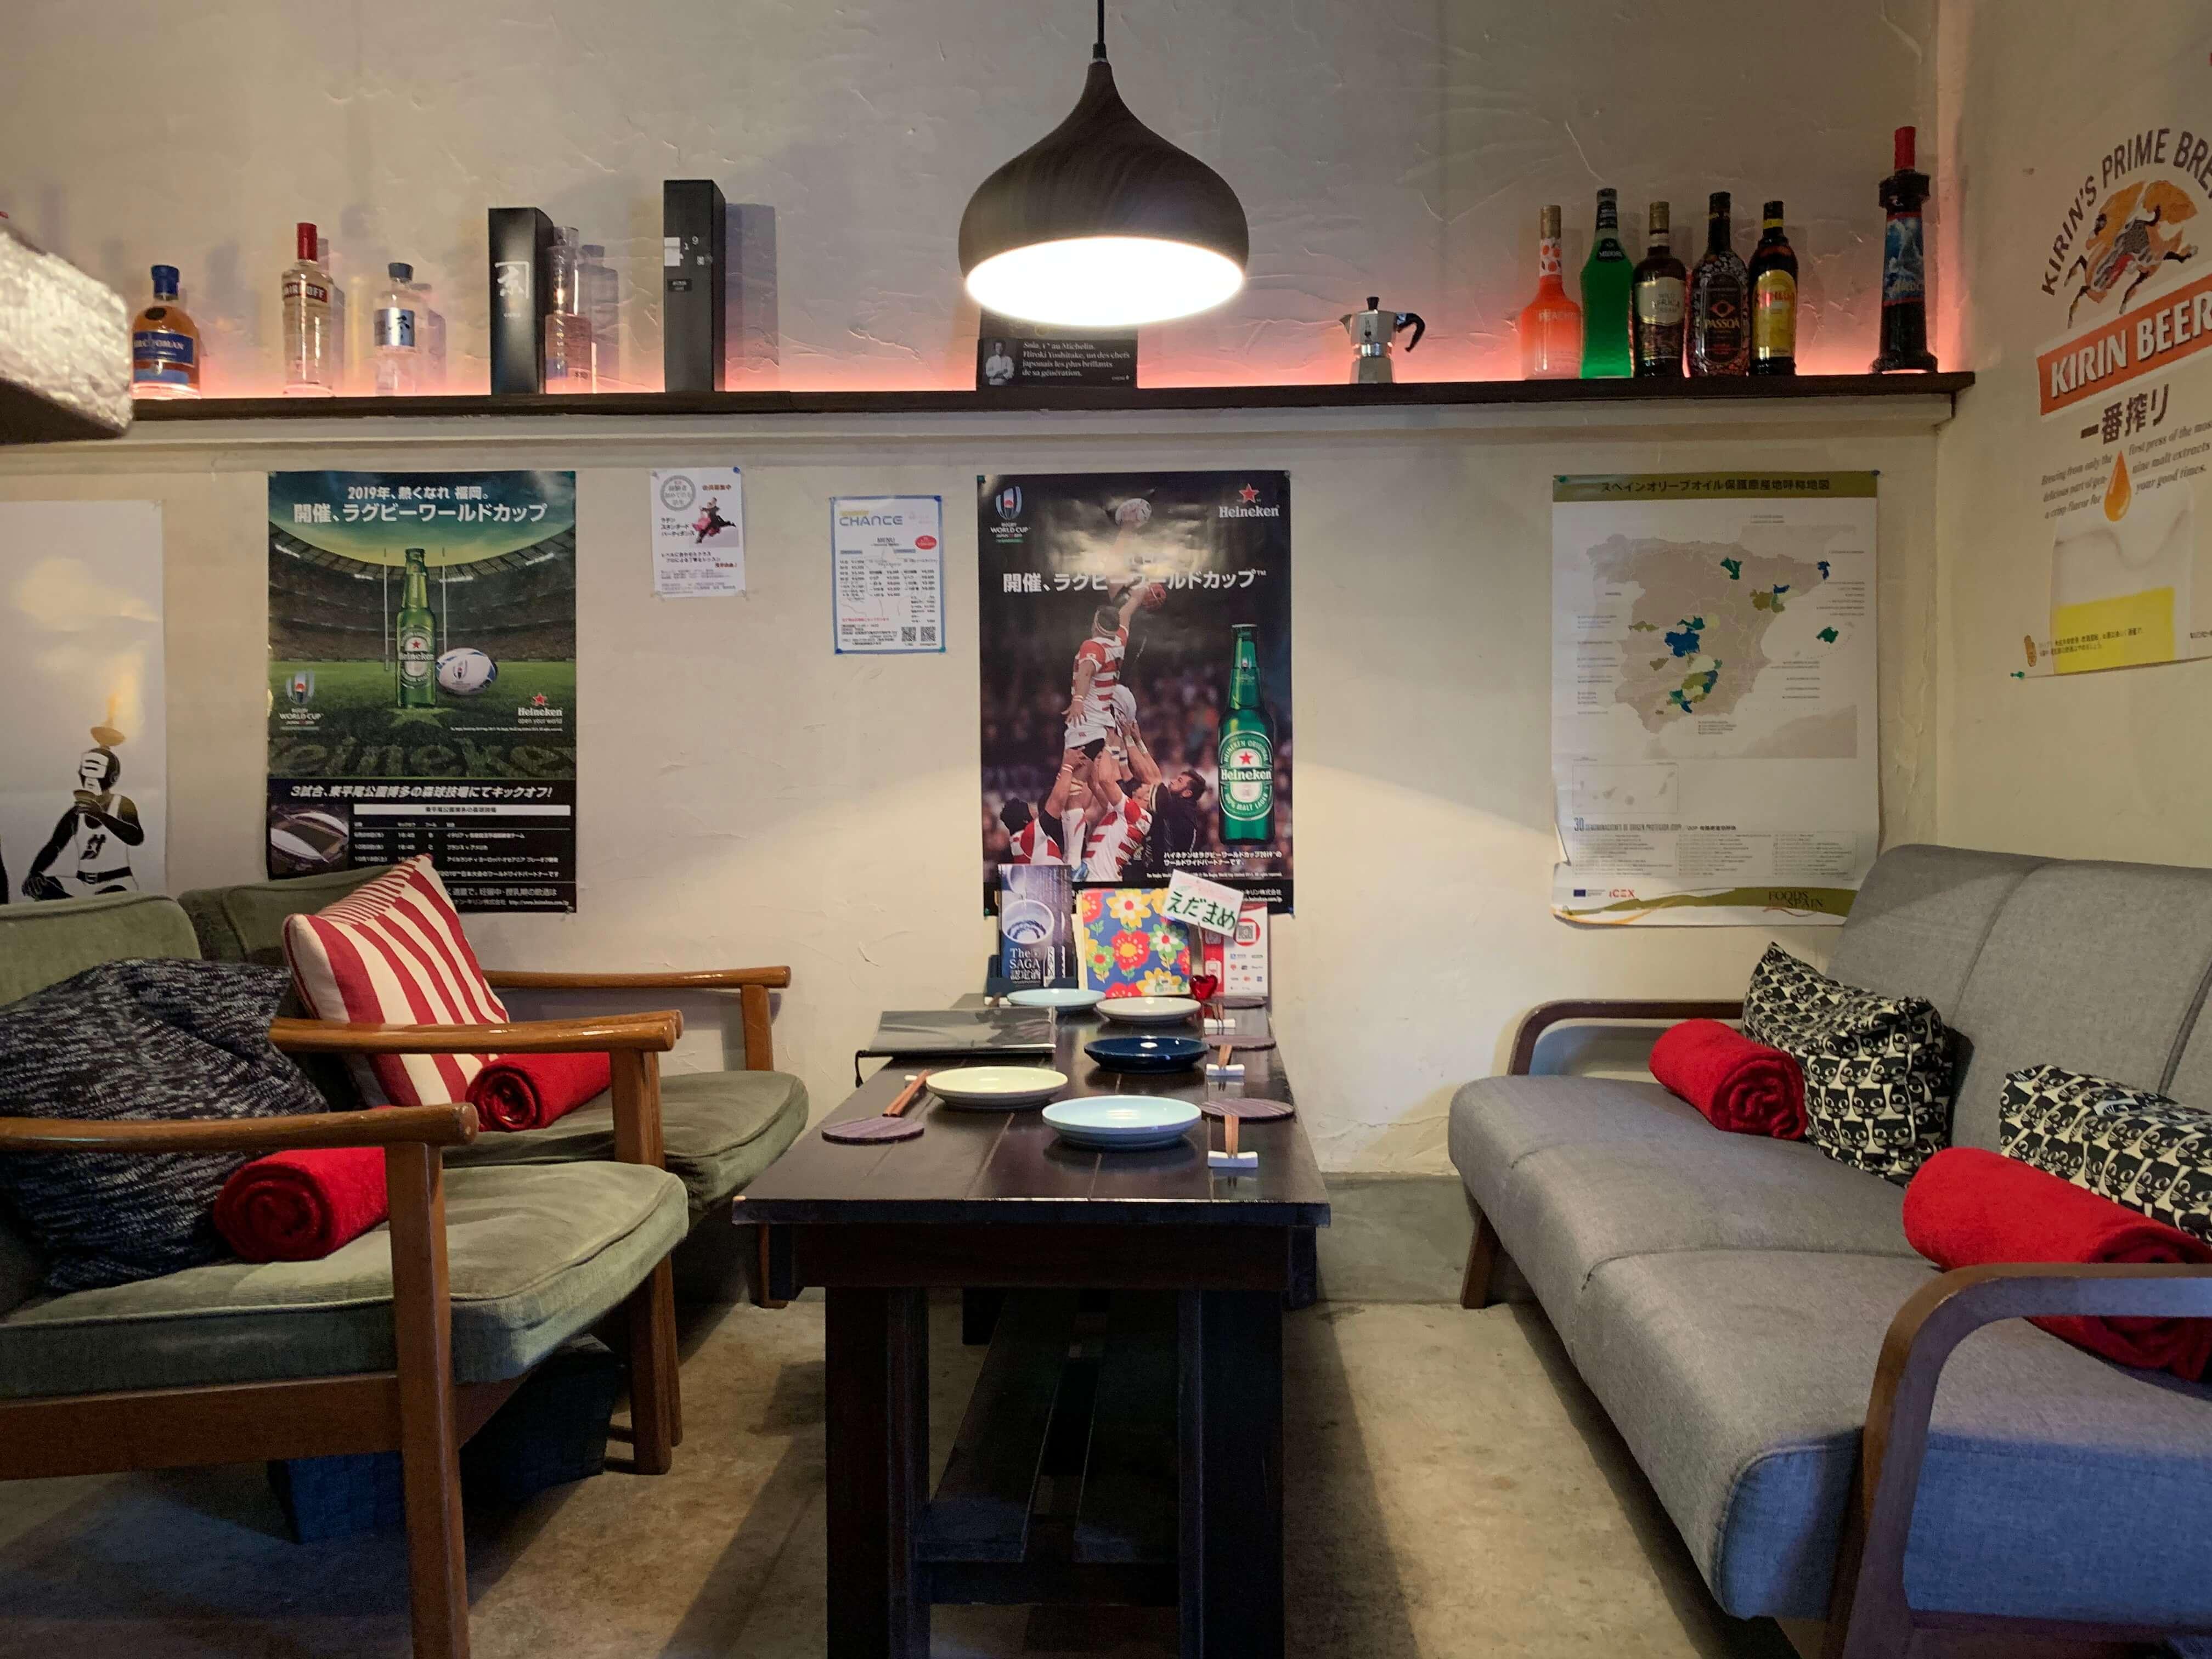 佐賀県伊万里市にあるおすすめな居酒屋【Ginとお万菜と私 小鉄】入り口